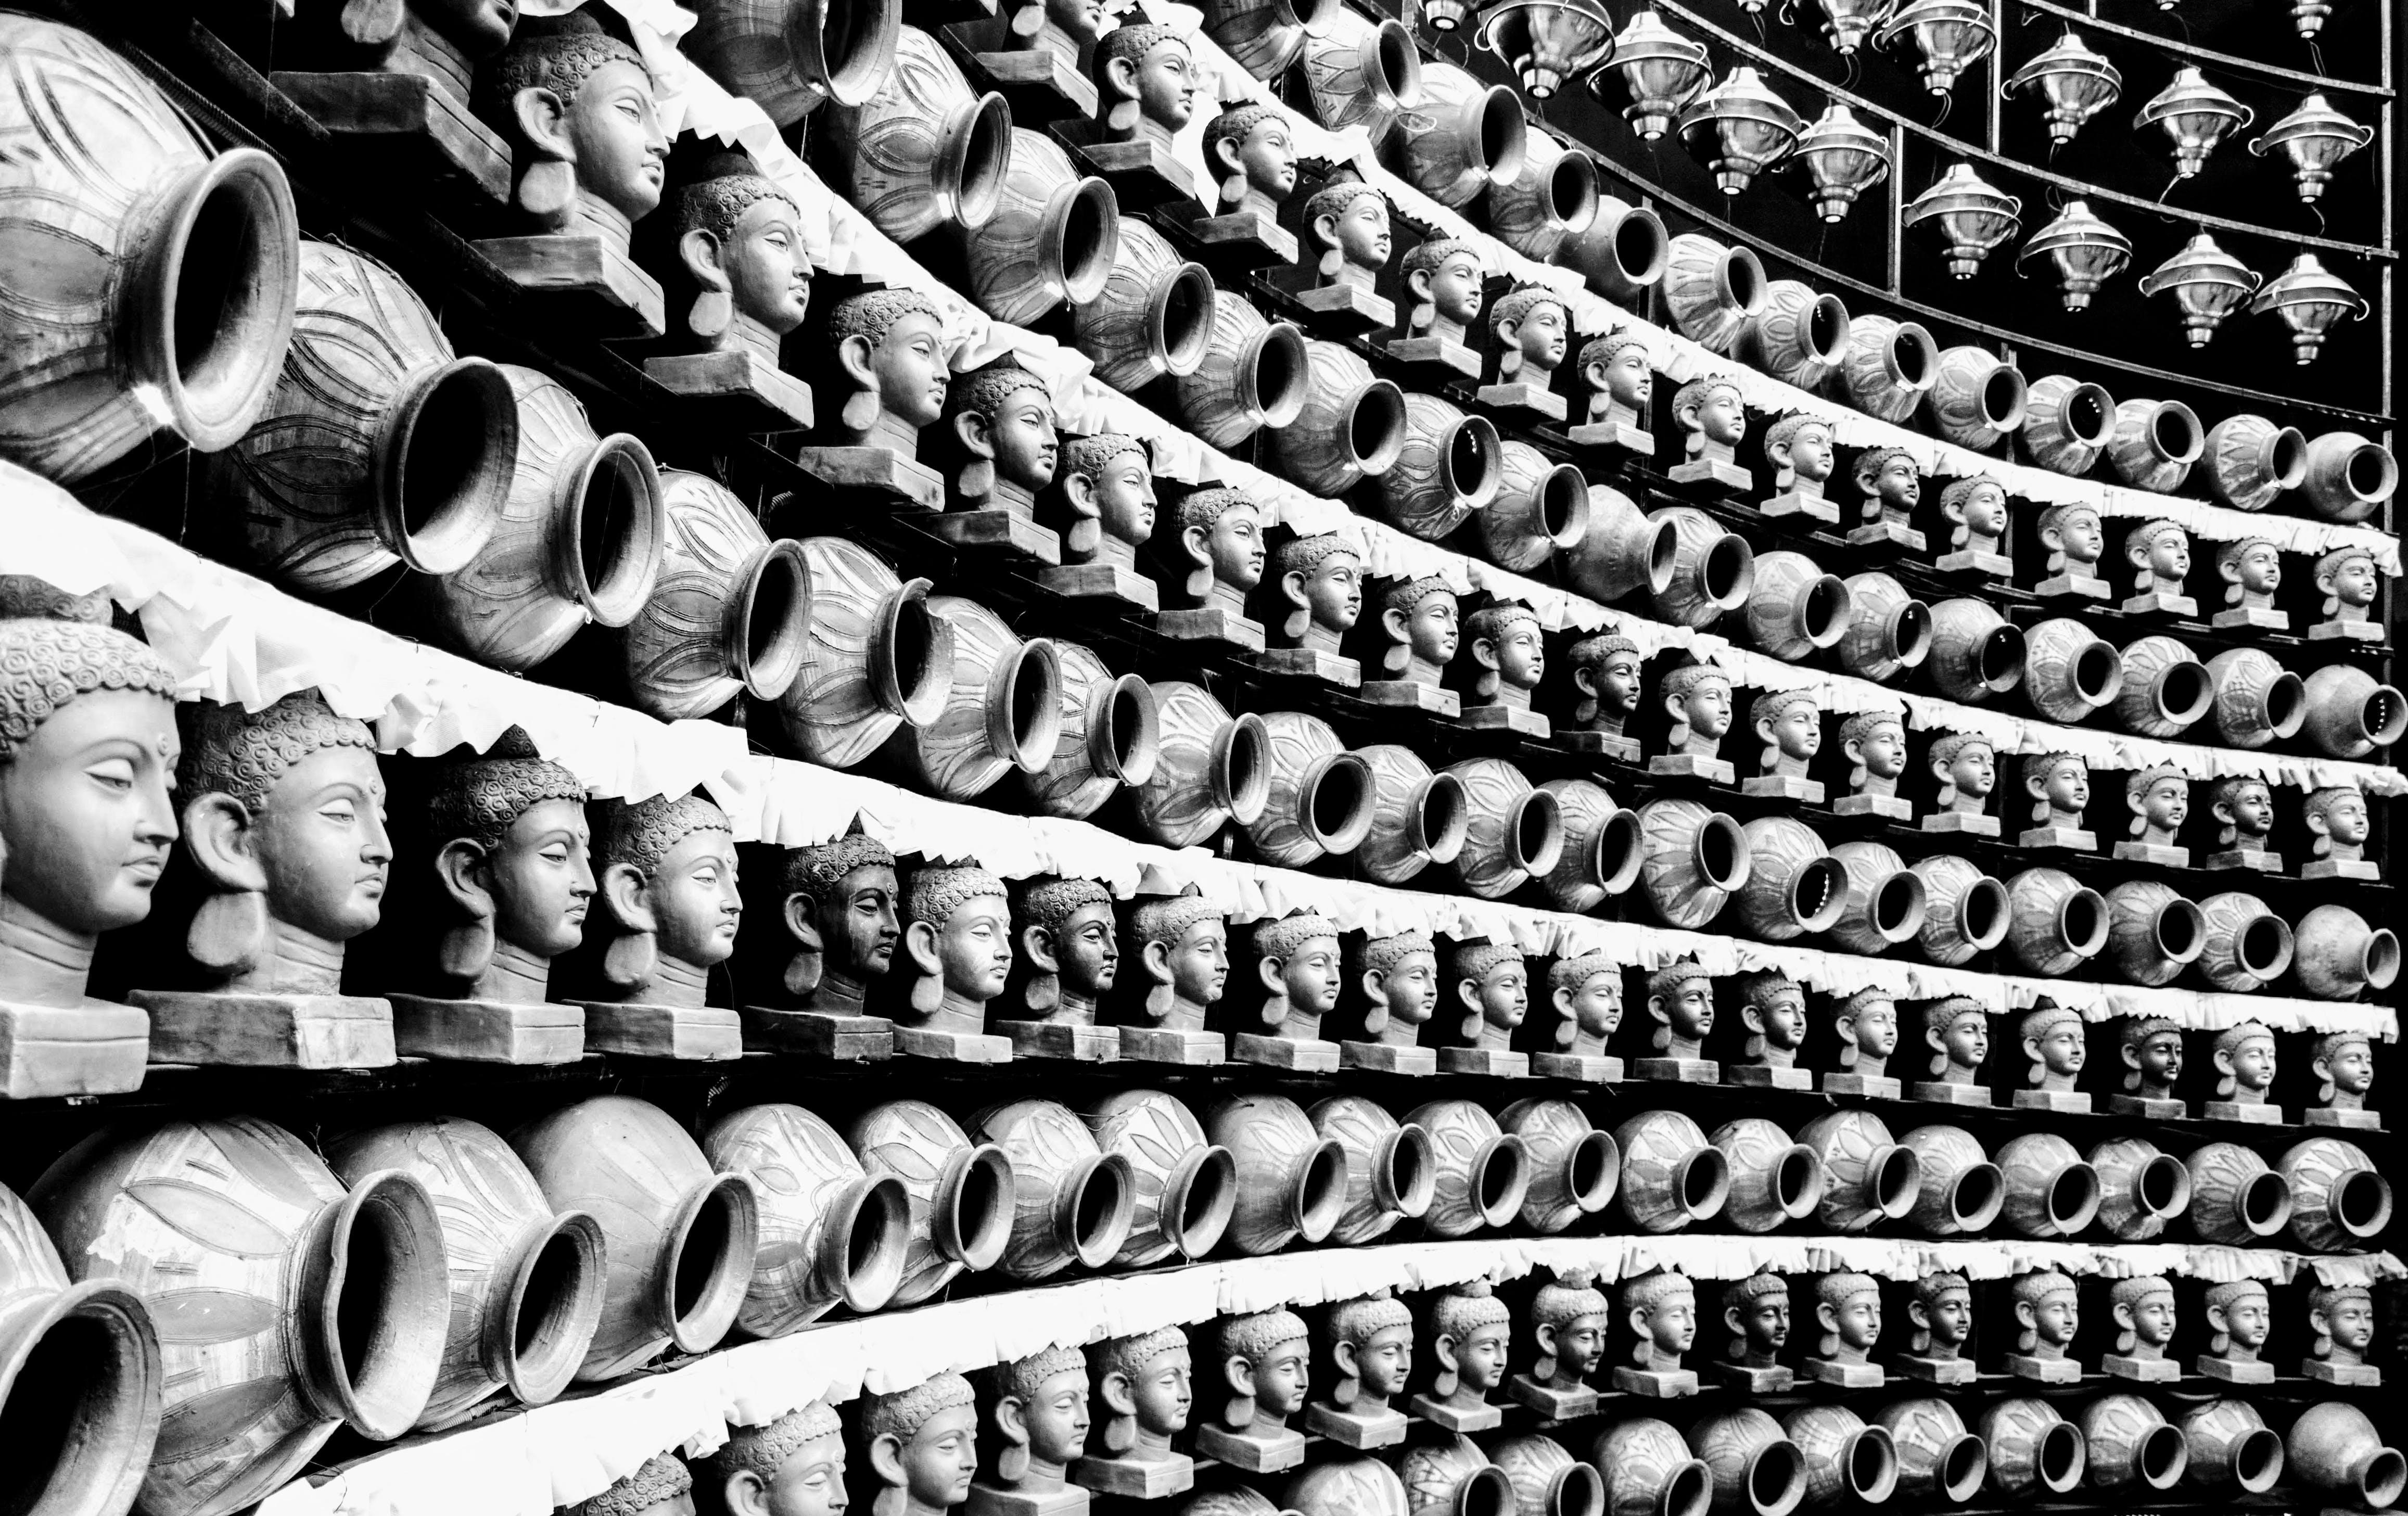 Kostenloses Stock Foto zu einfarbig, industrie, reihen, schwarz und weiß